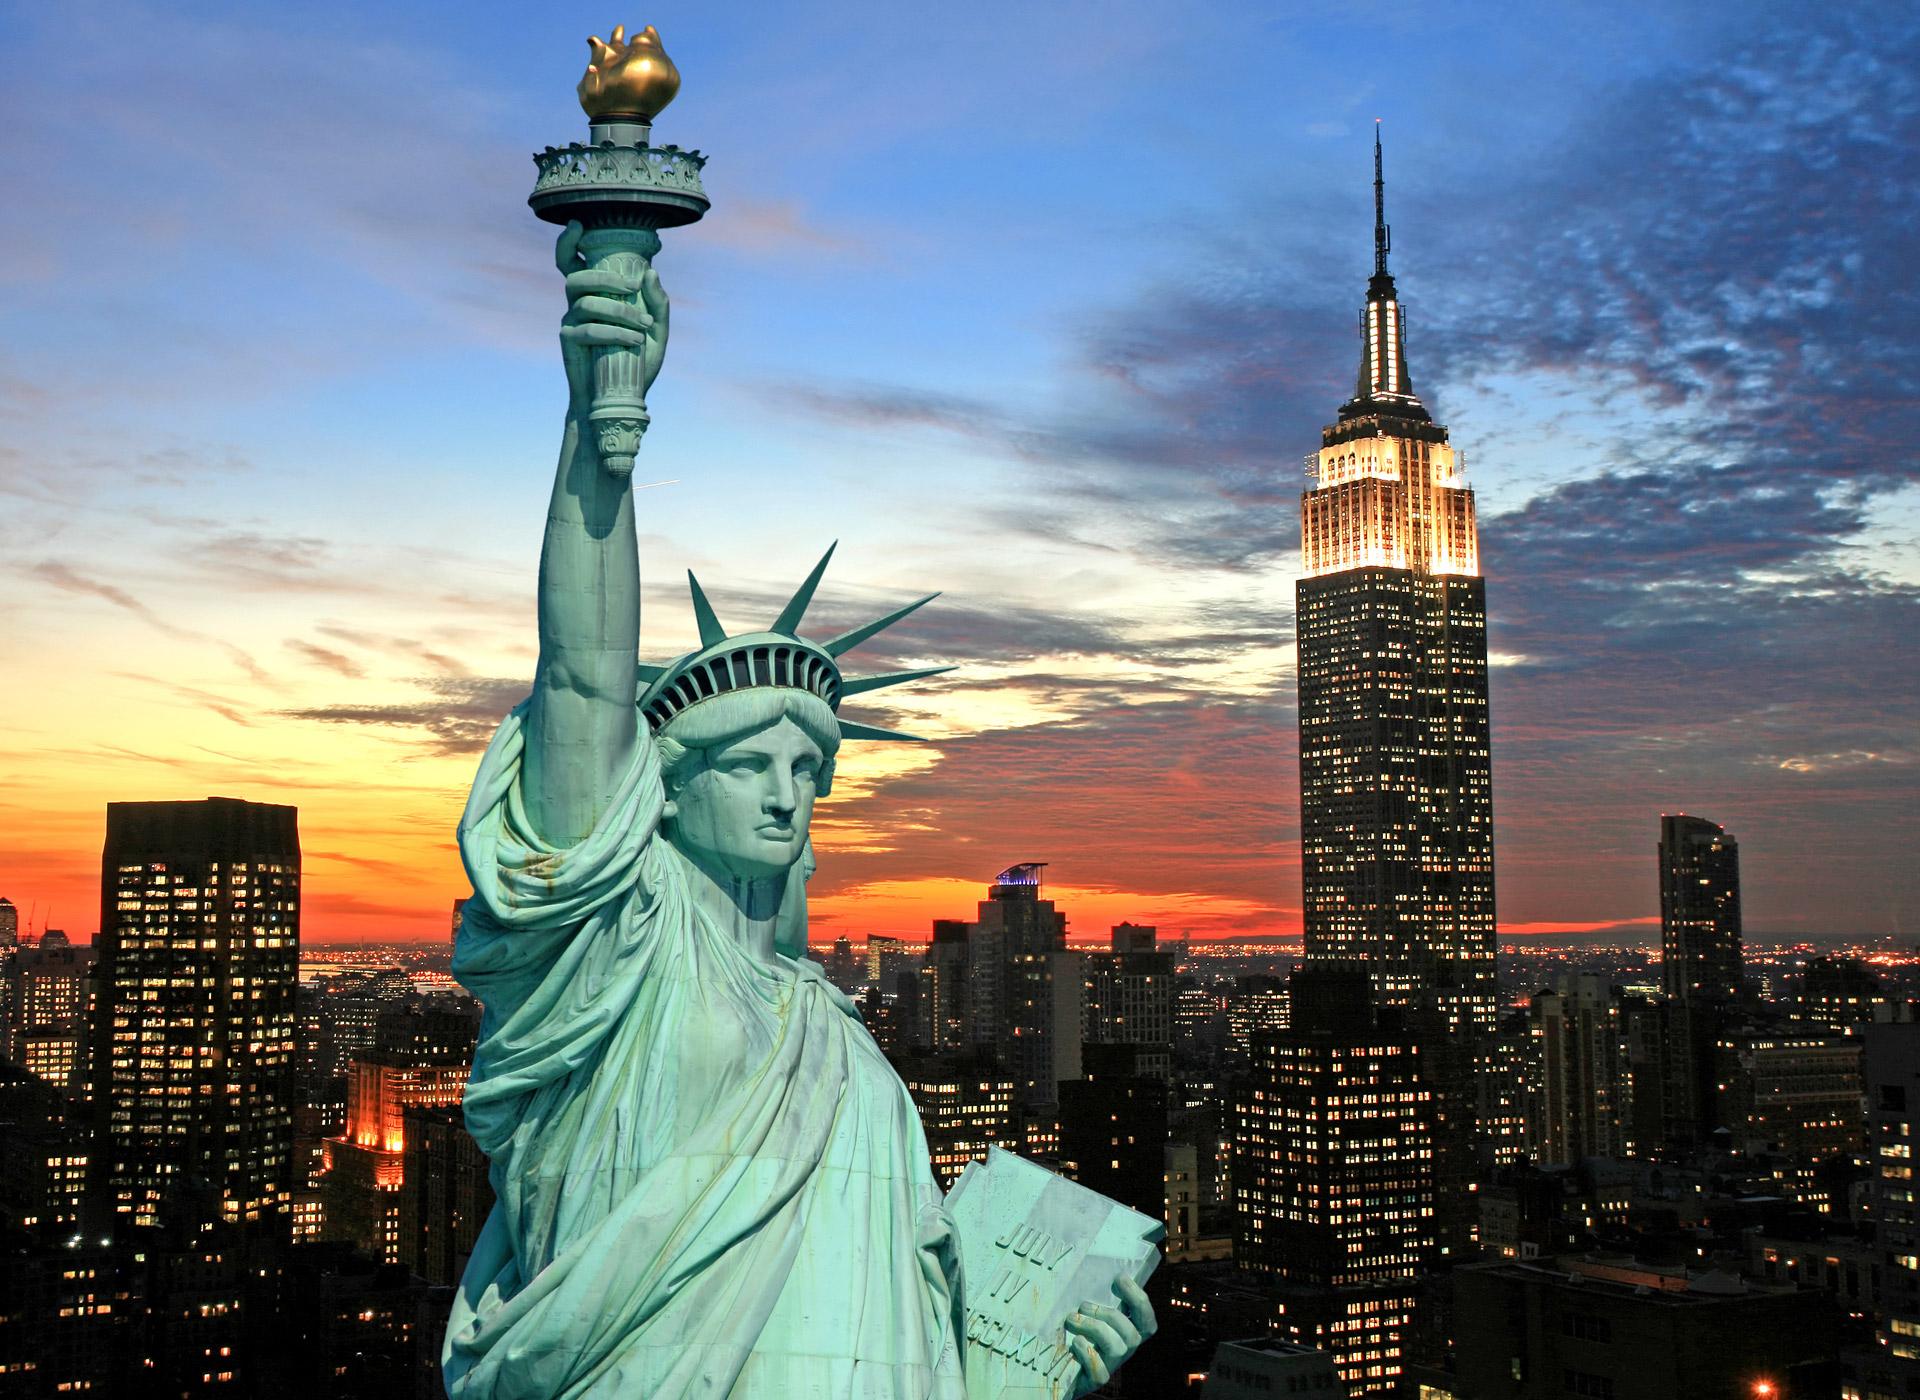 Usa, storby, frihetsgudinnen, firmatur, gruppetur, reise, opplevelse